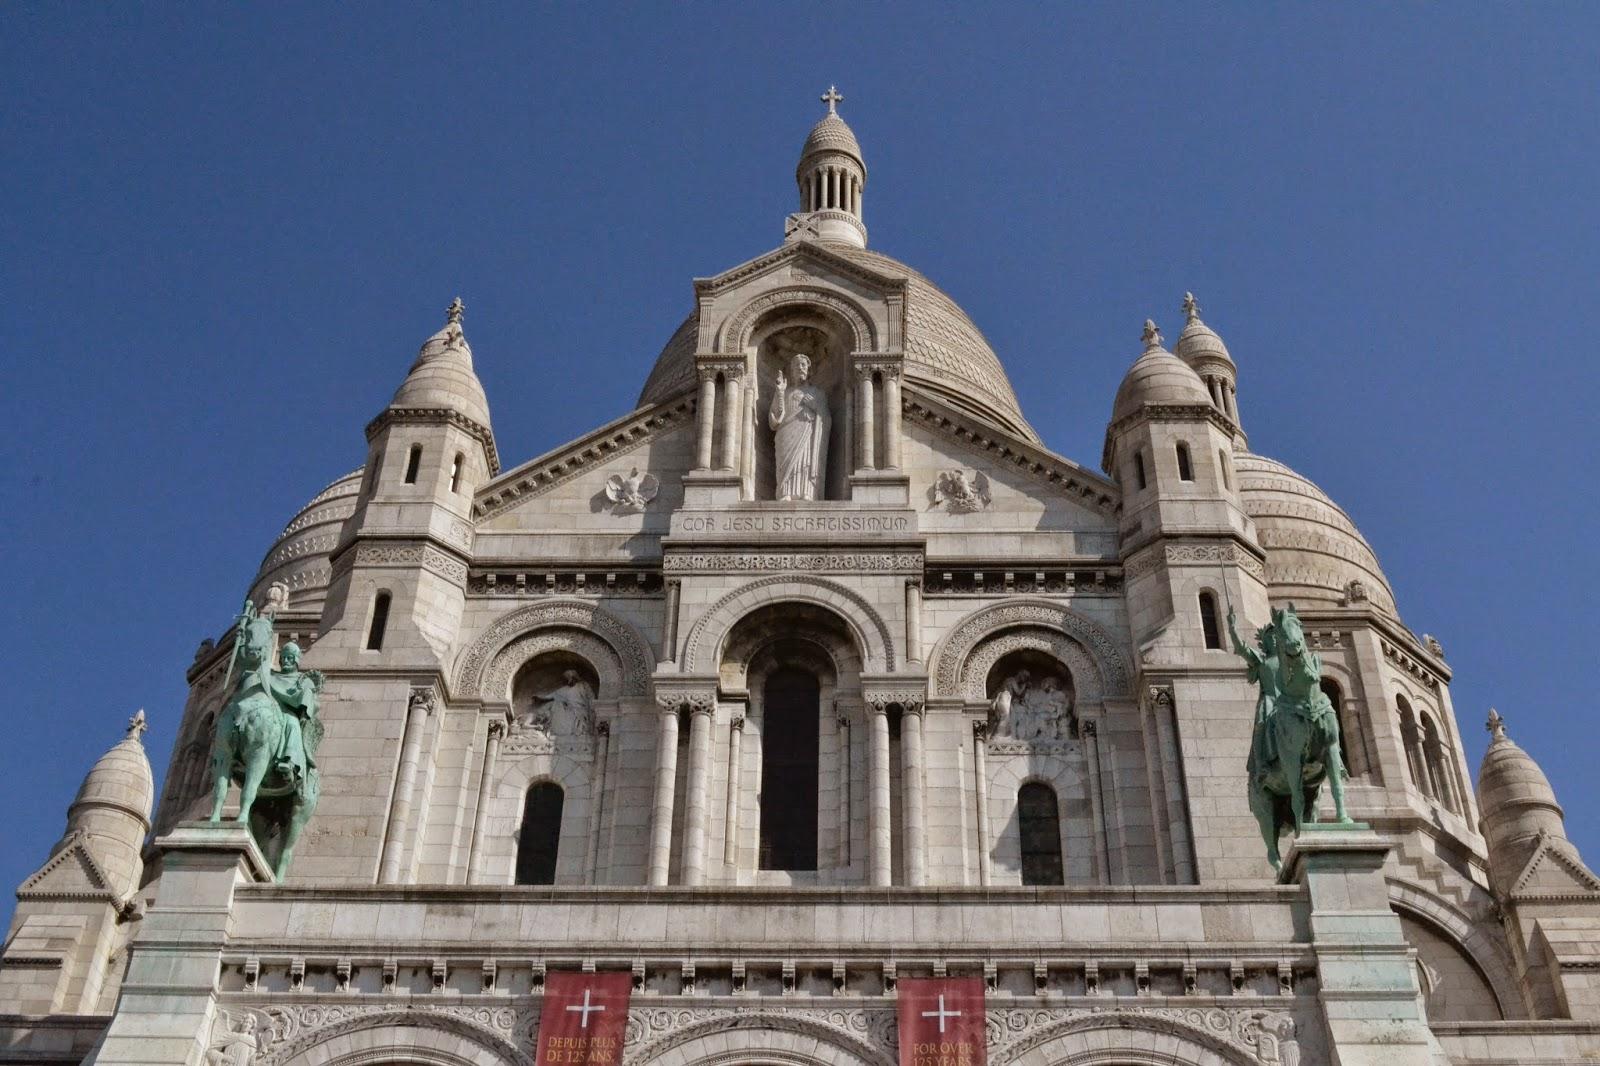 Det heliga hjärtats basilika